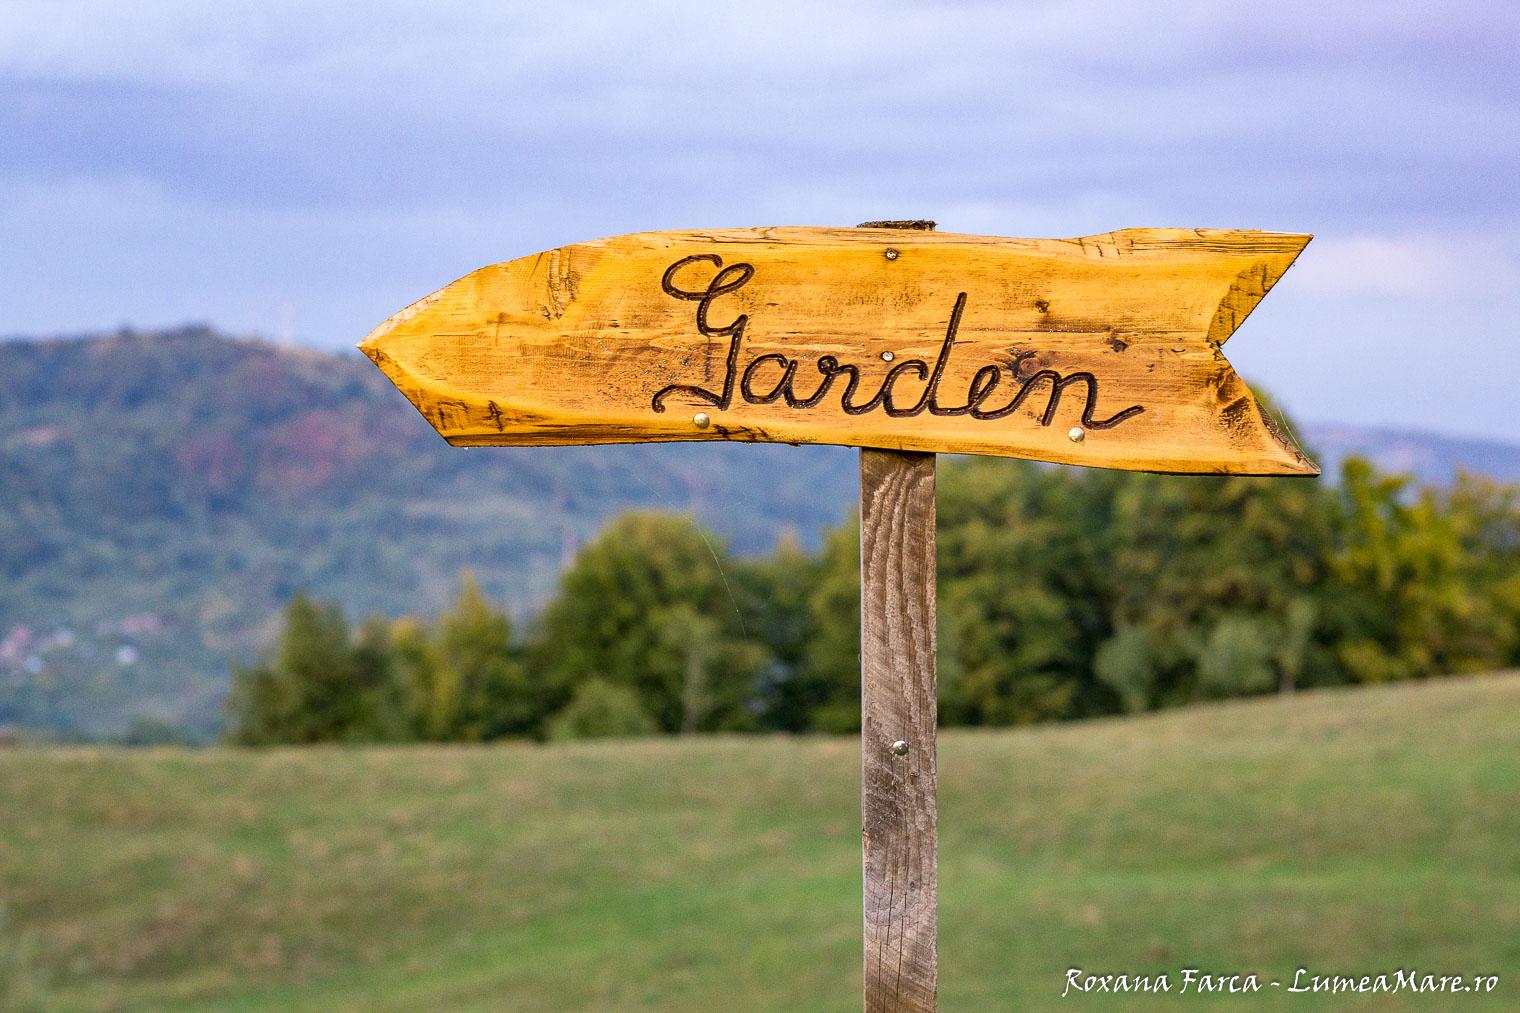 Multe călătorii responsabile înseamnă apropierea de natură, cu respect și grijă.